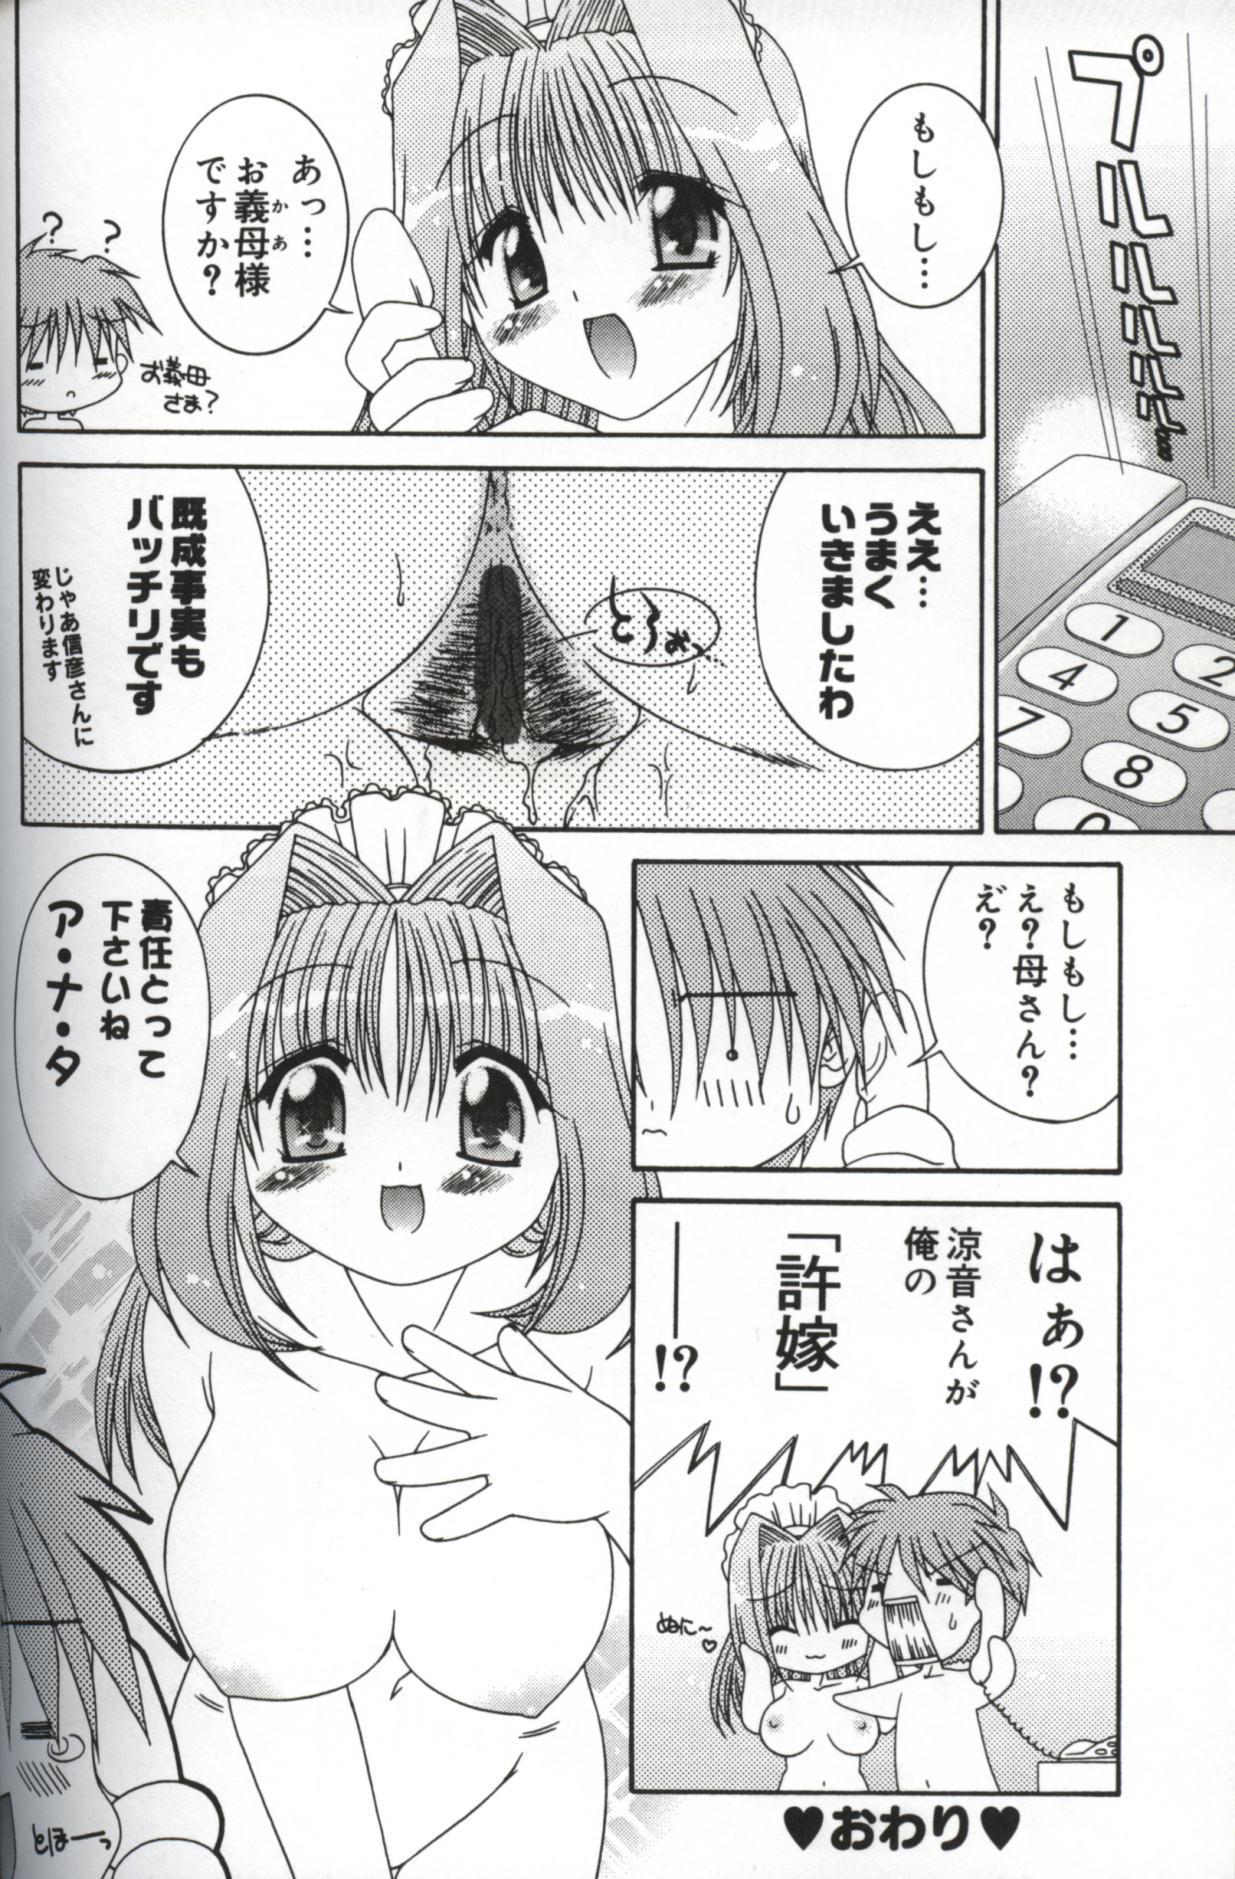 Hatsujou ♡ Oneesama 115